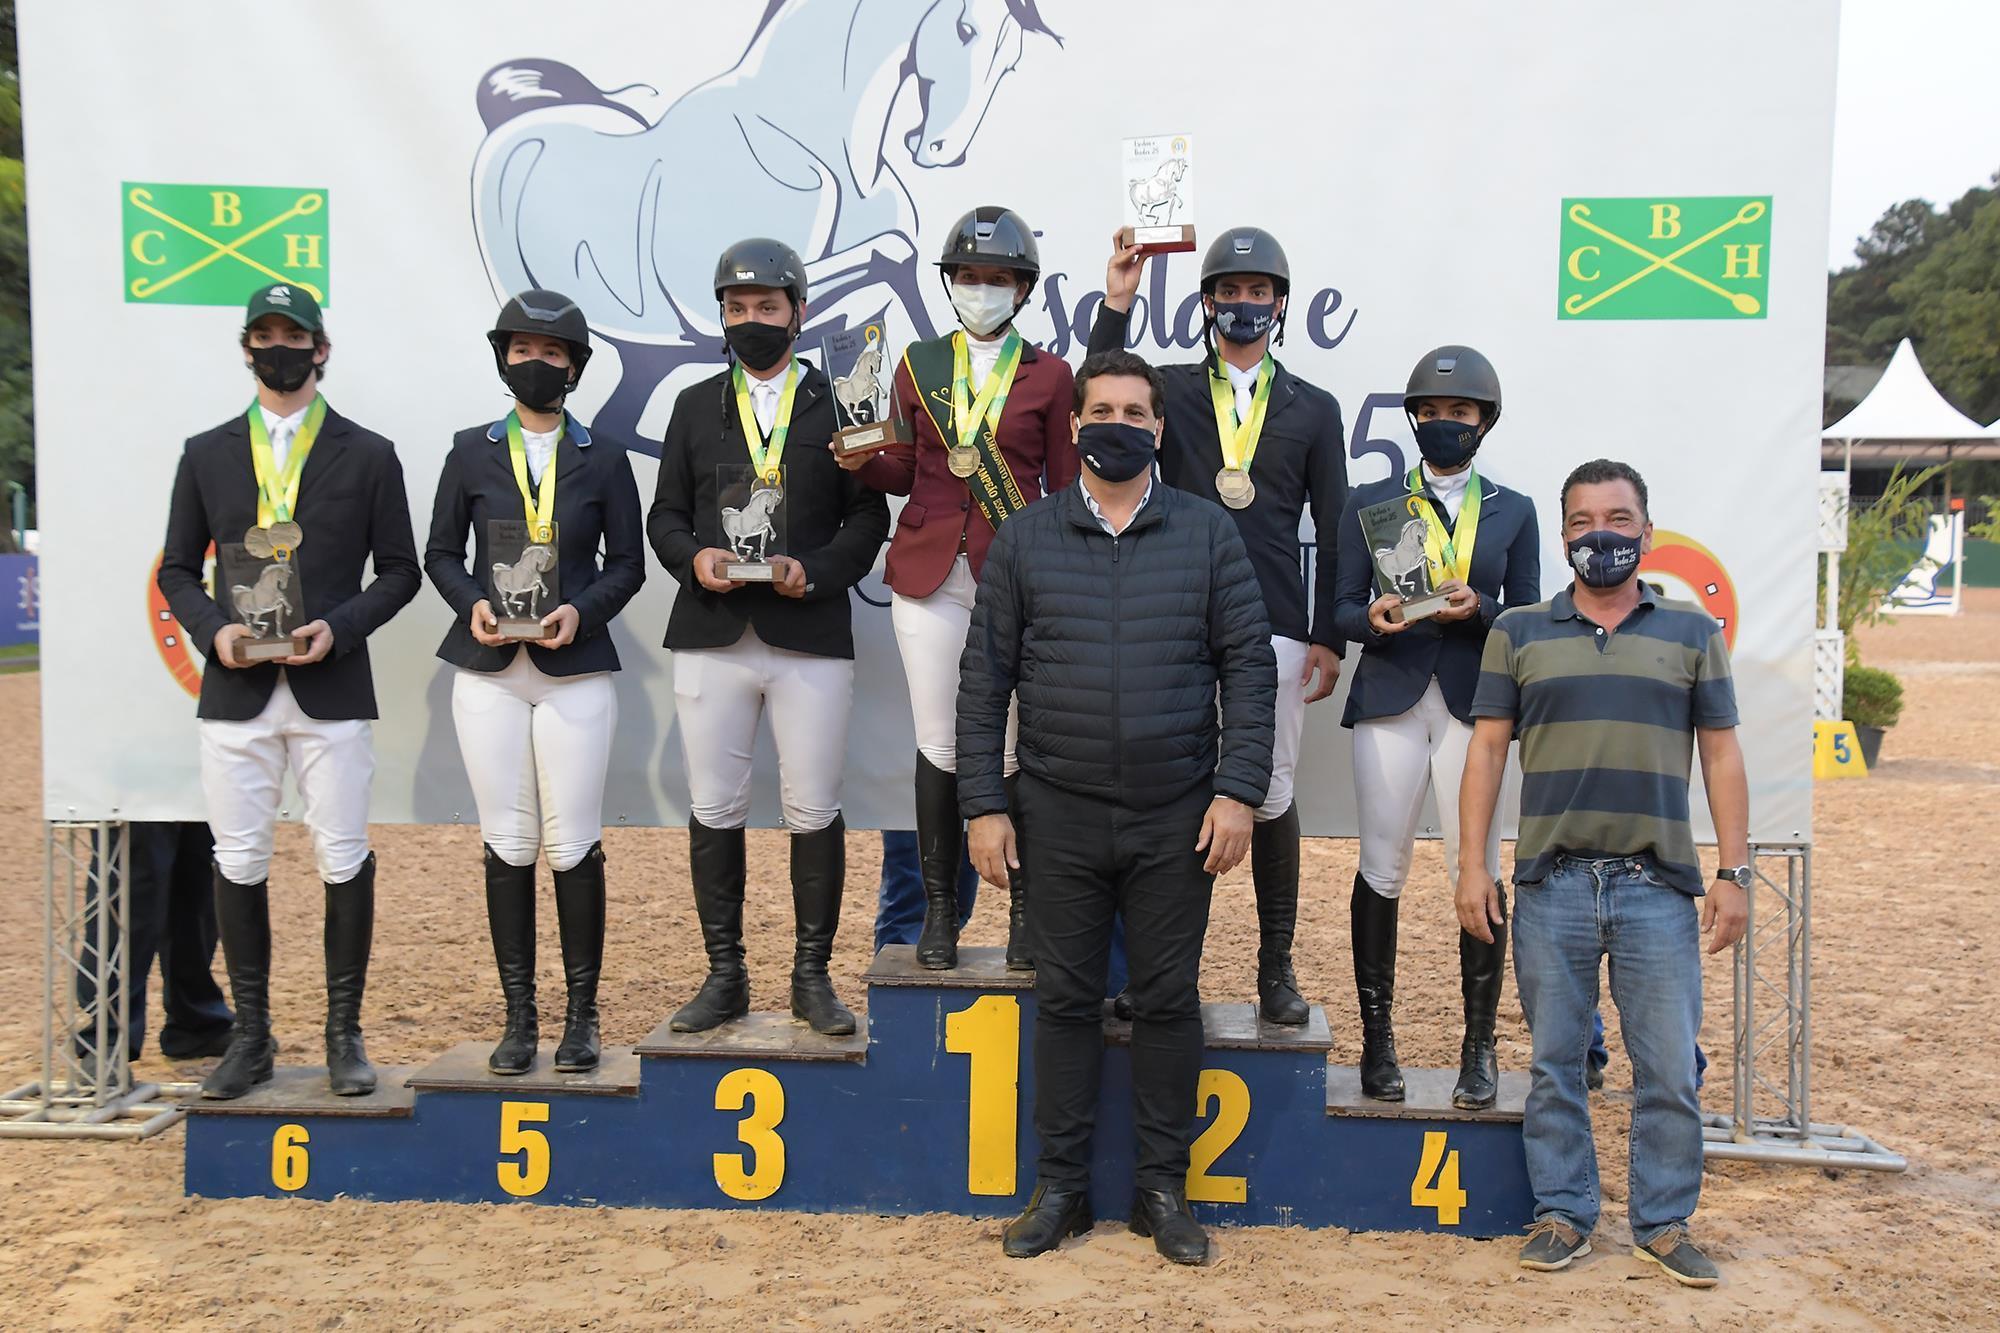 campeonato under 25, CHSA, , Érica Costa